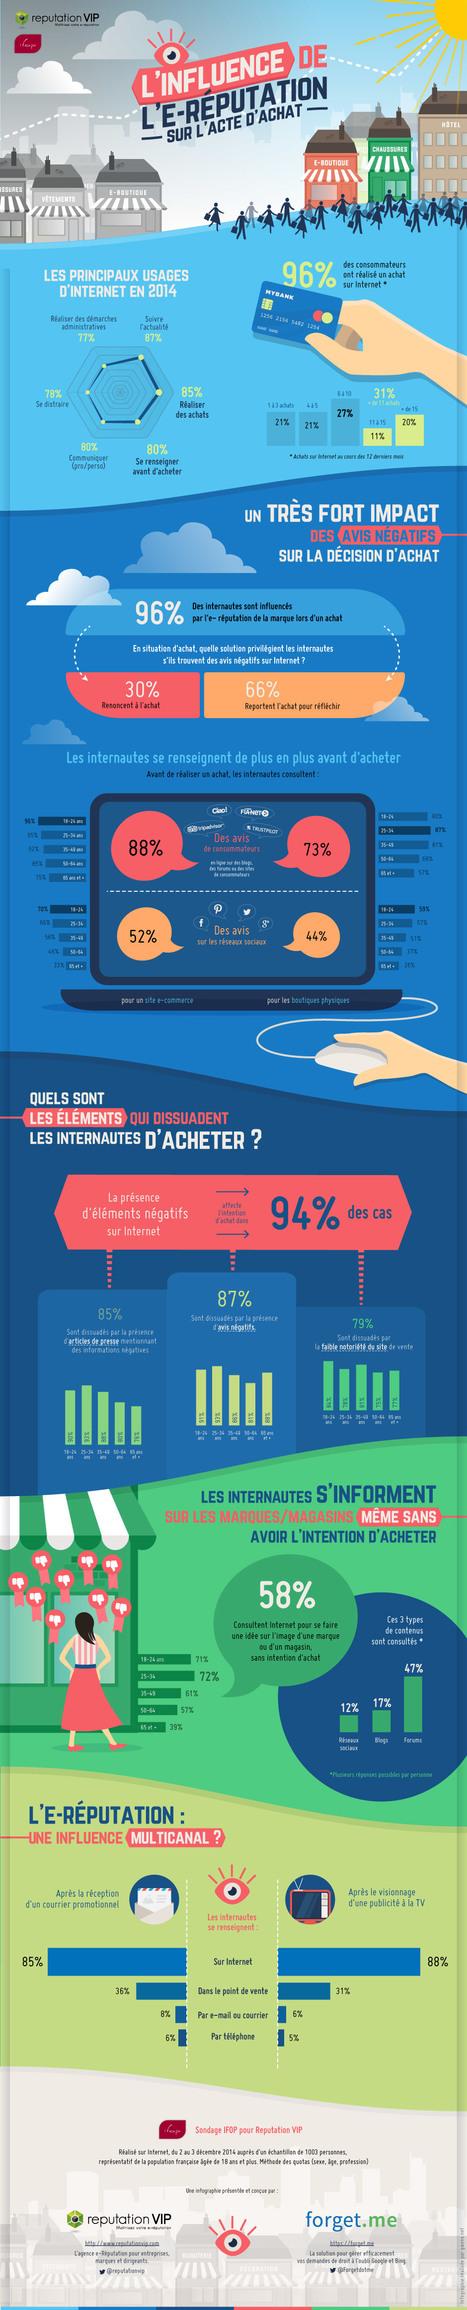 [Infographie] L'influence de l'e-réputation sur l'acte d'achat technologies | Social Media Curation par Mon-Habitat-Web.com | Scoop.it